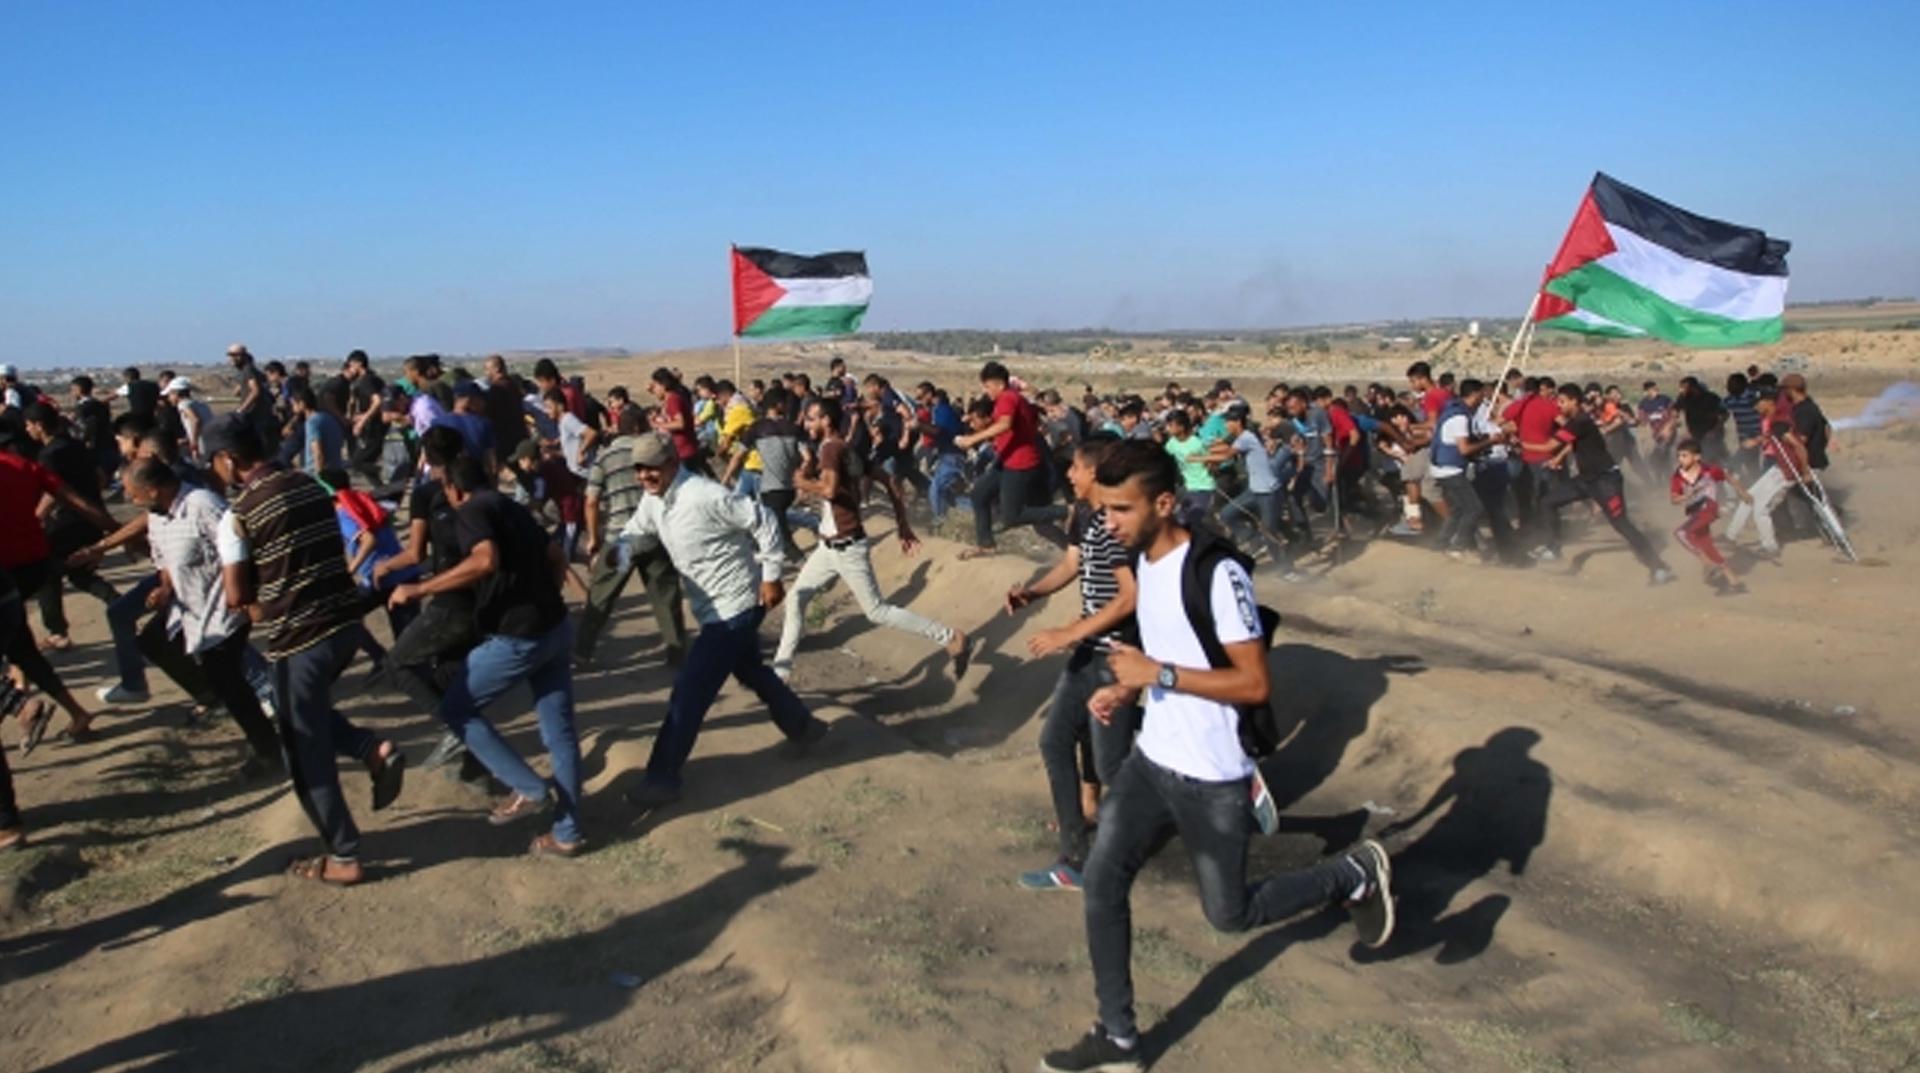 İsrail güçleri 87 Filistinliyi yaraladı